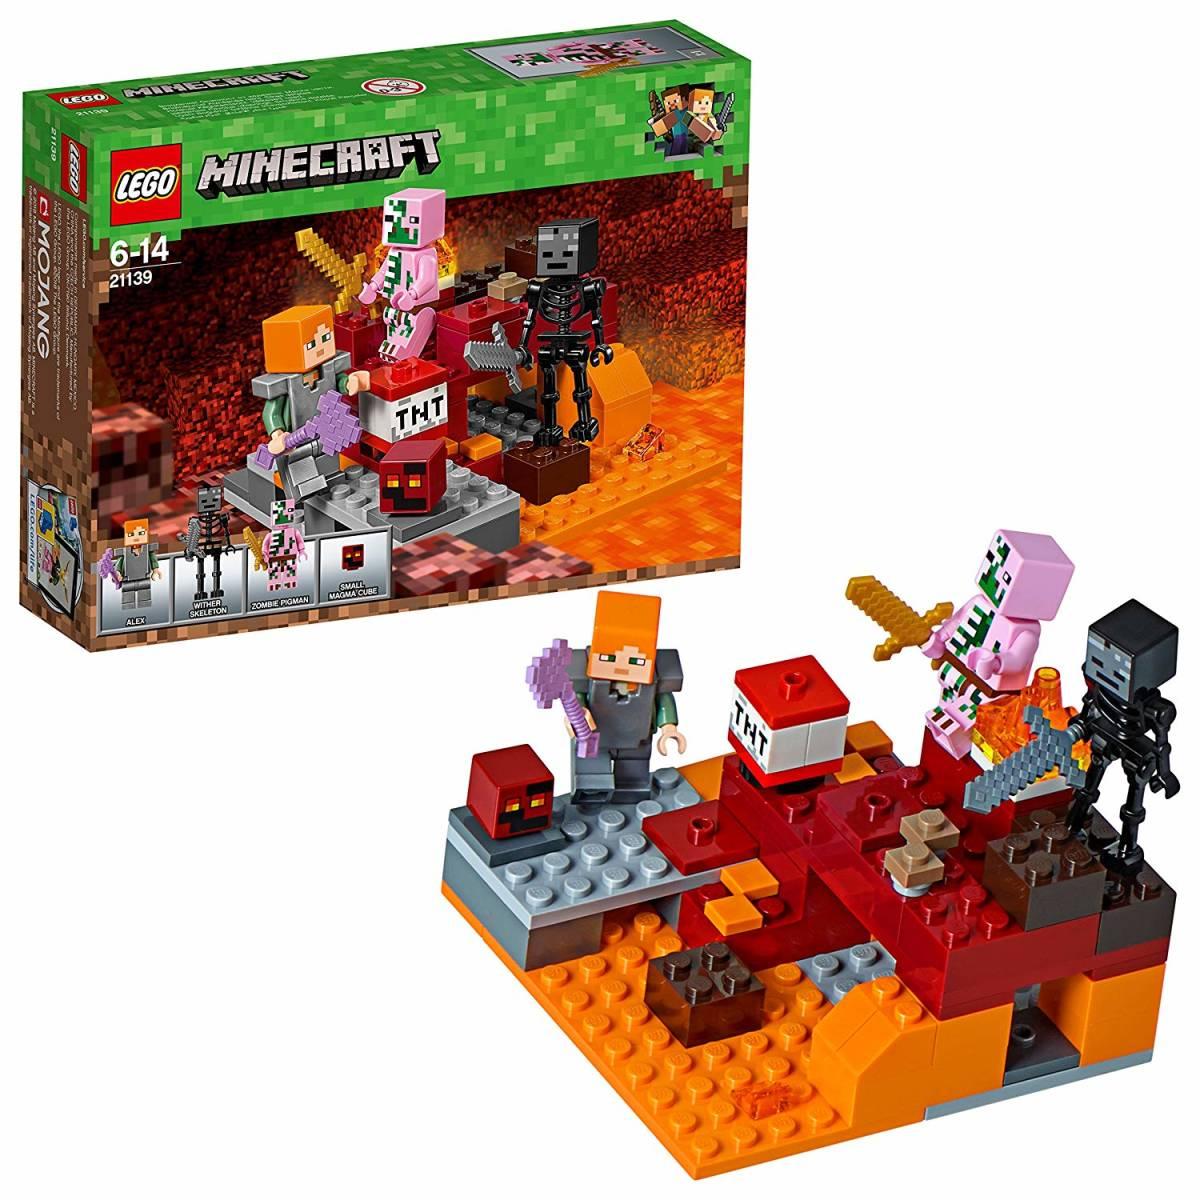 正規品 レゴ マインクラフト 暗黒界の戦い 21139 ネザー LEGO ミニフィグ ミニフィギュア_画像1